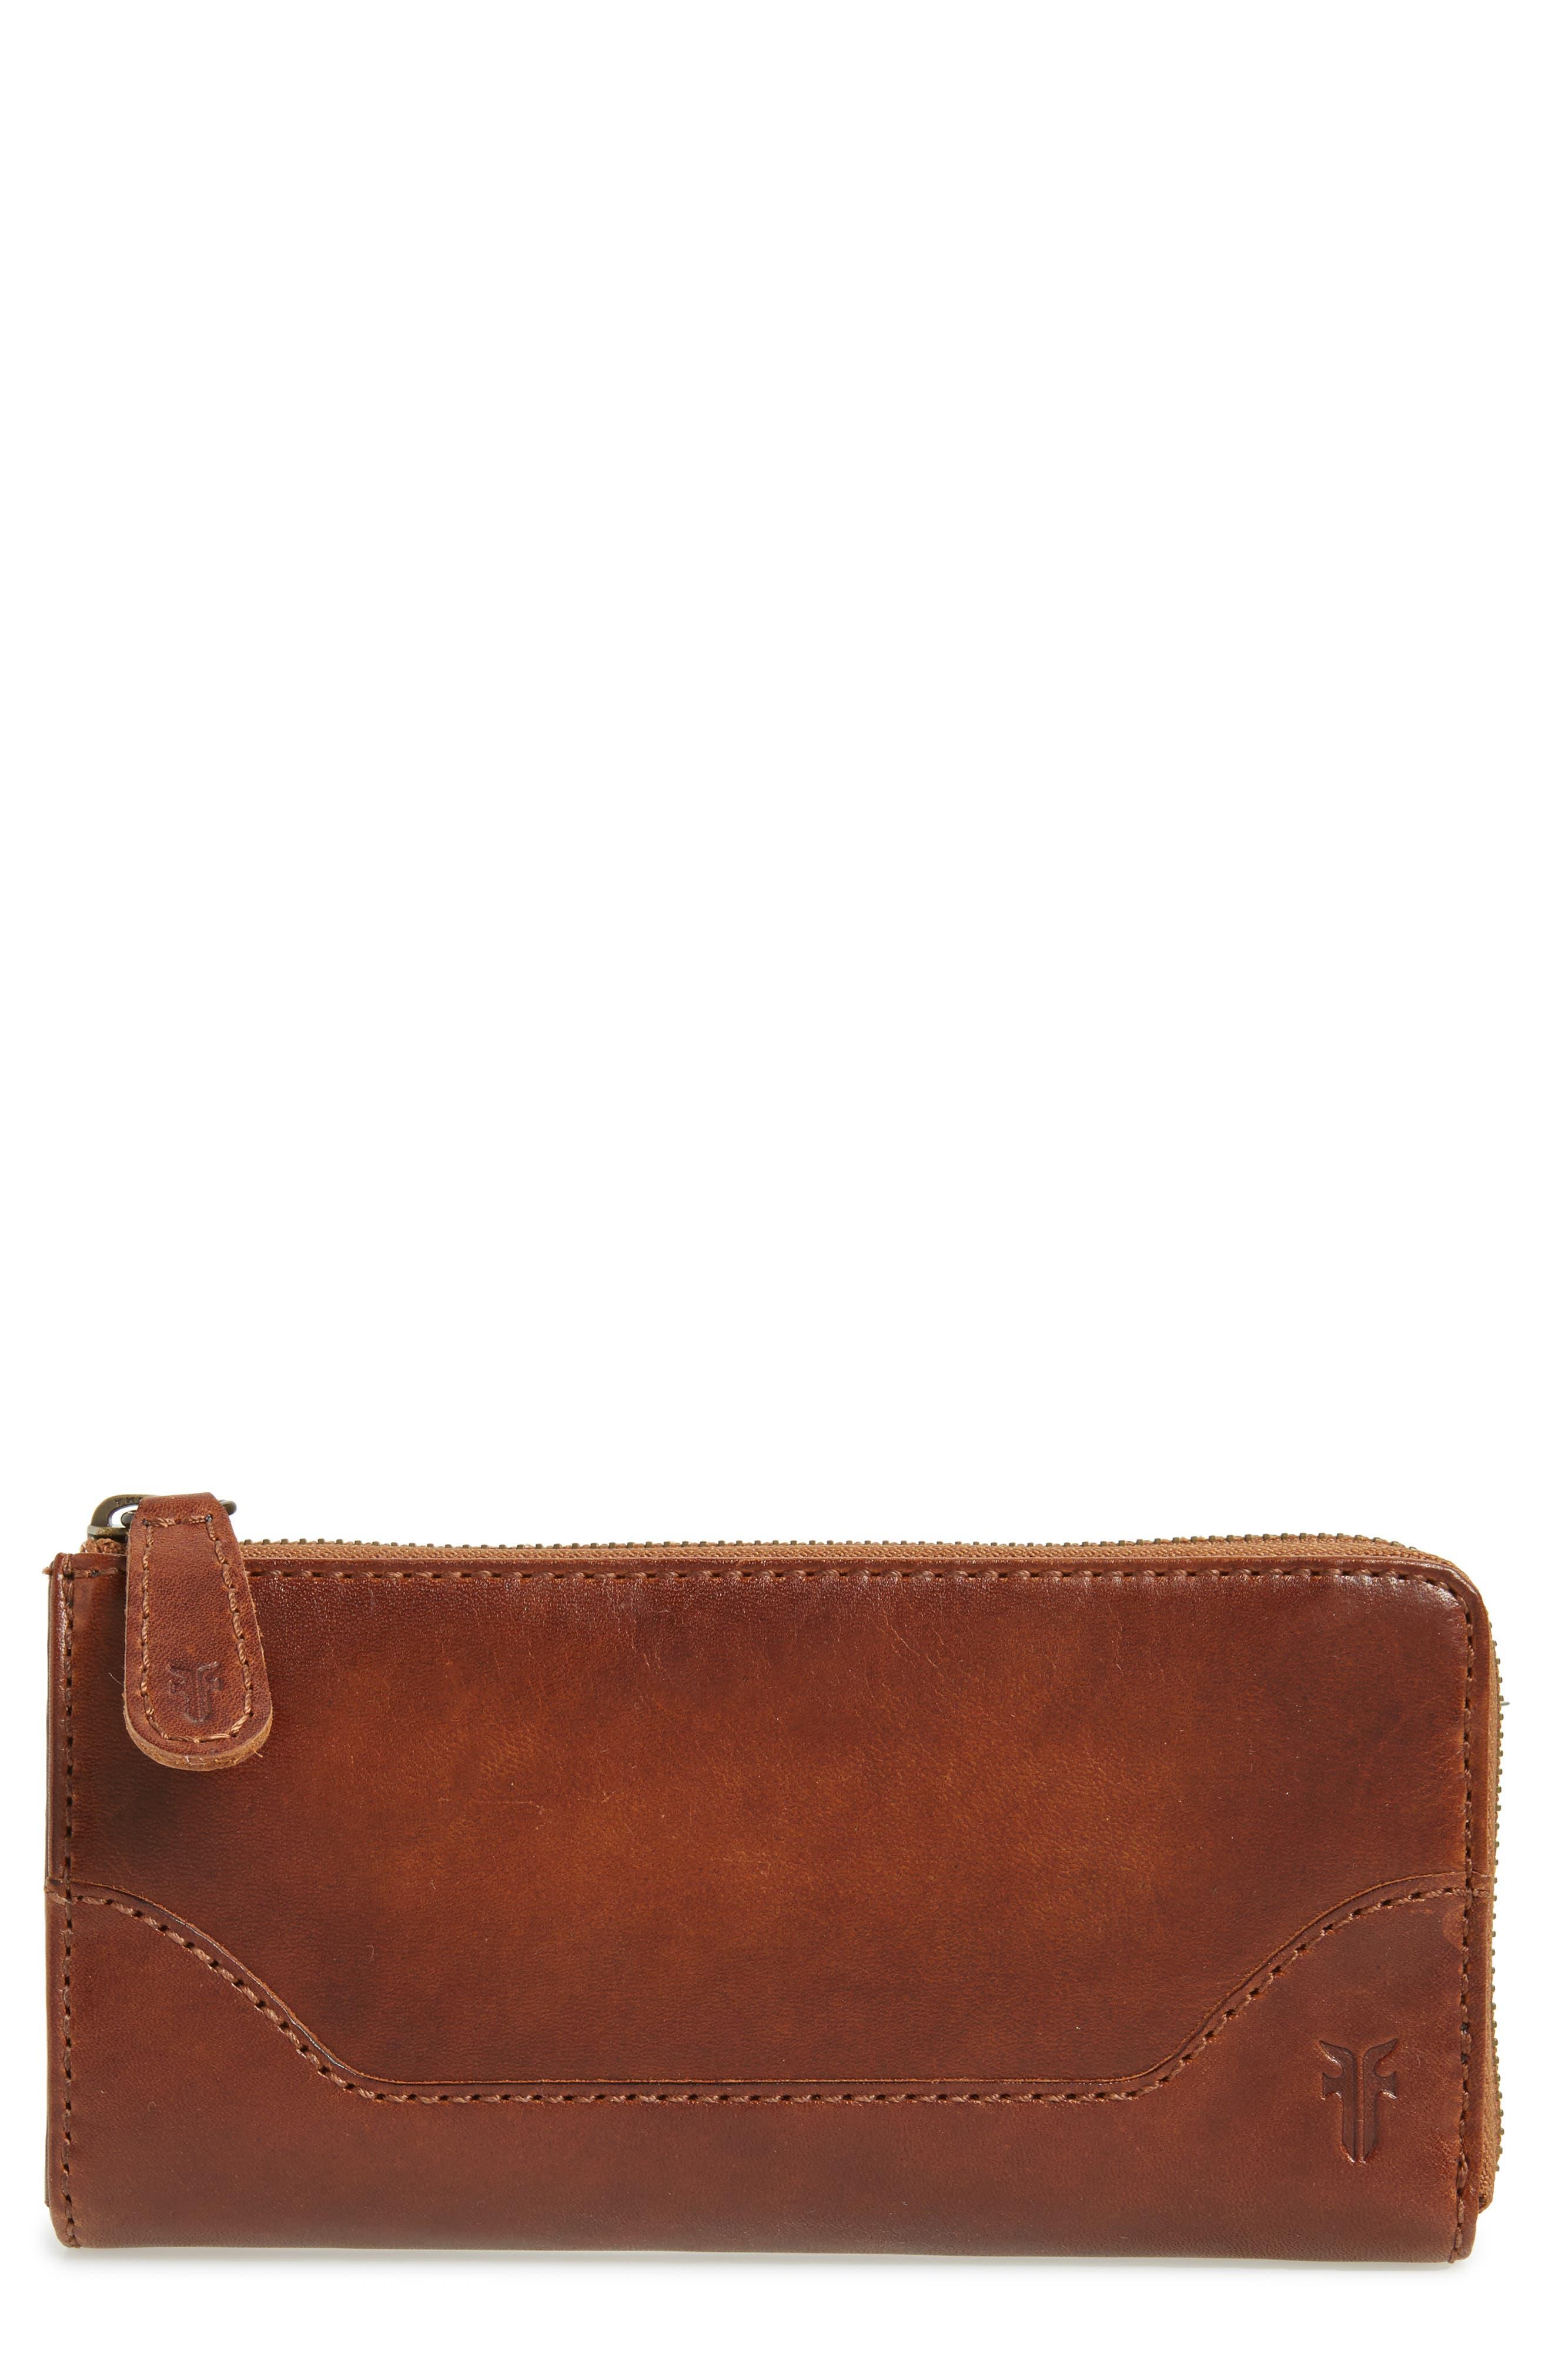 Melissa Leather Wallet,                             Main thumbnail 1, color,                             Cognac